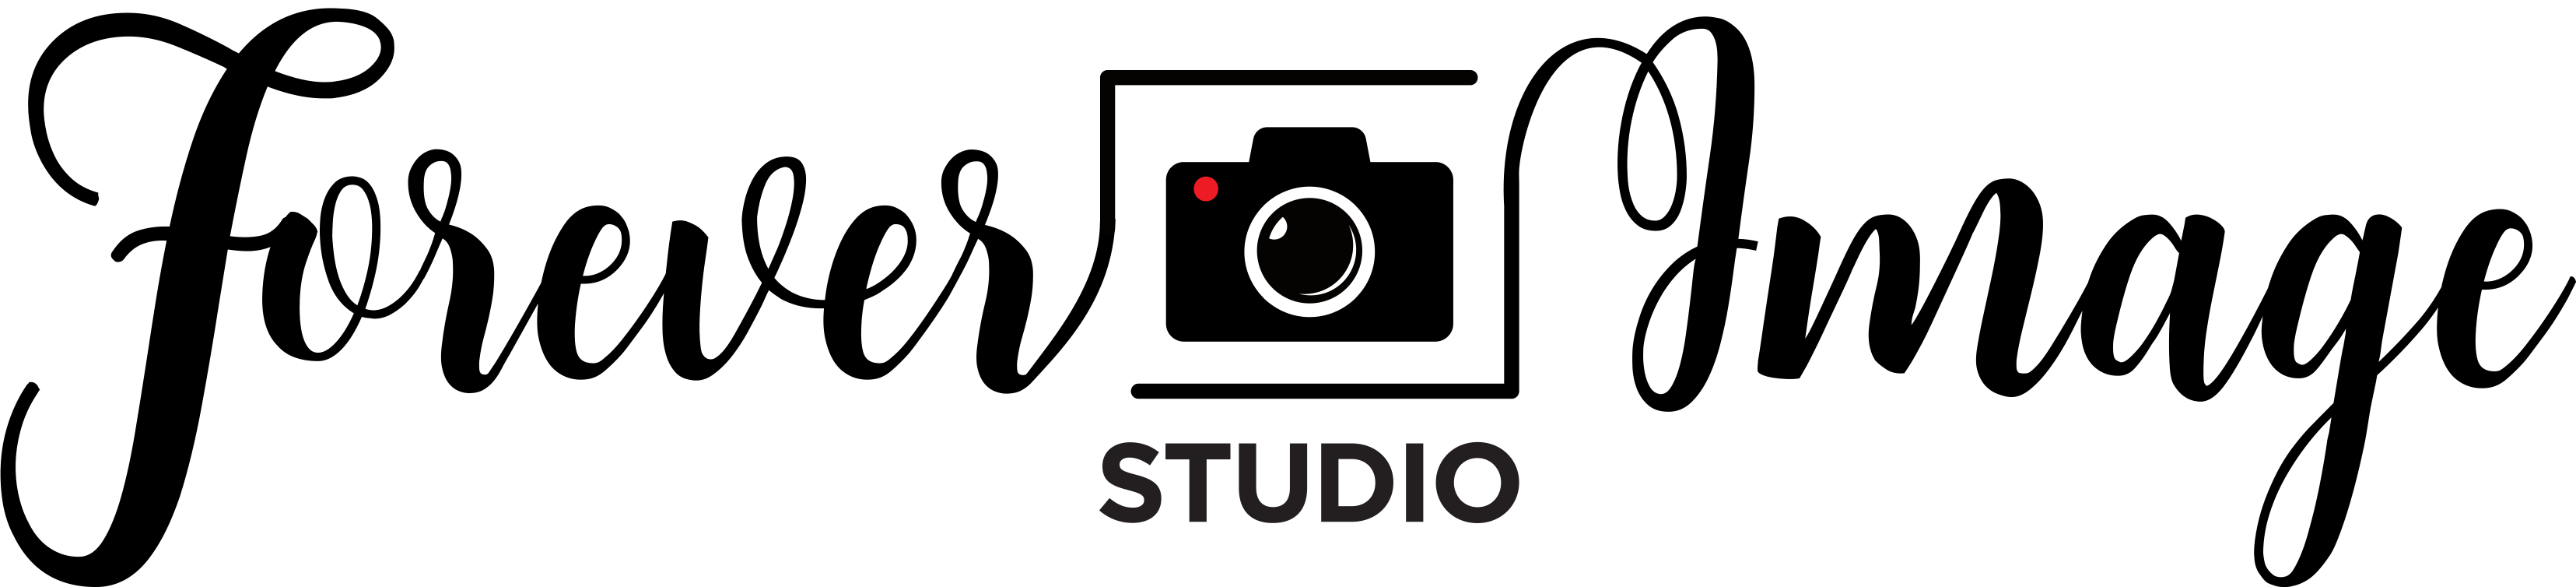 Forever Image Studio